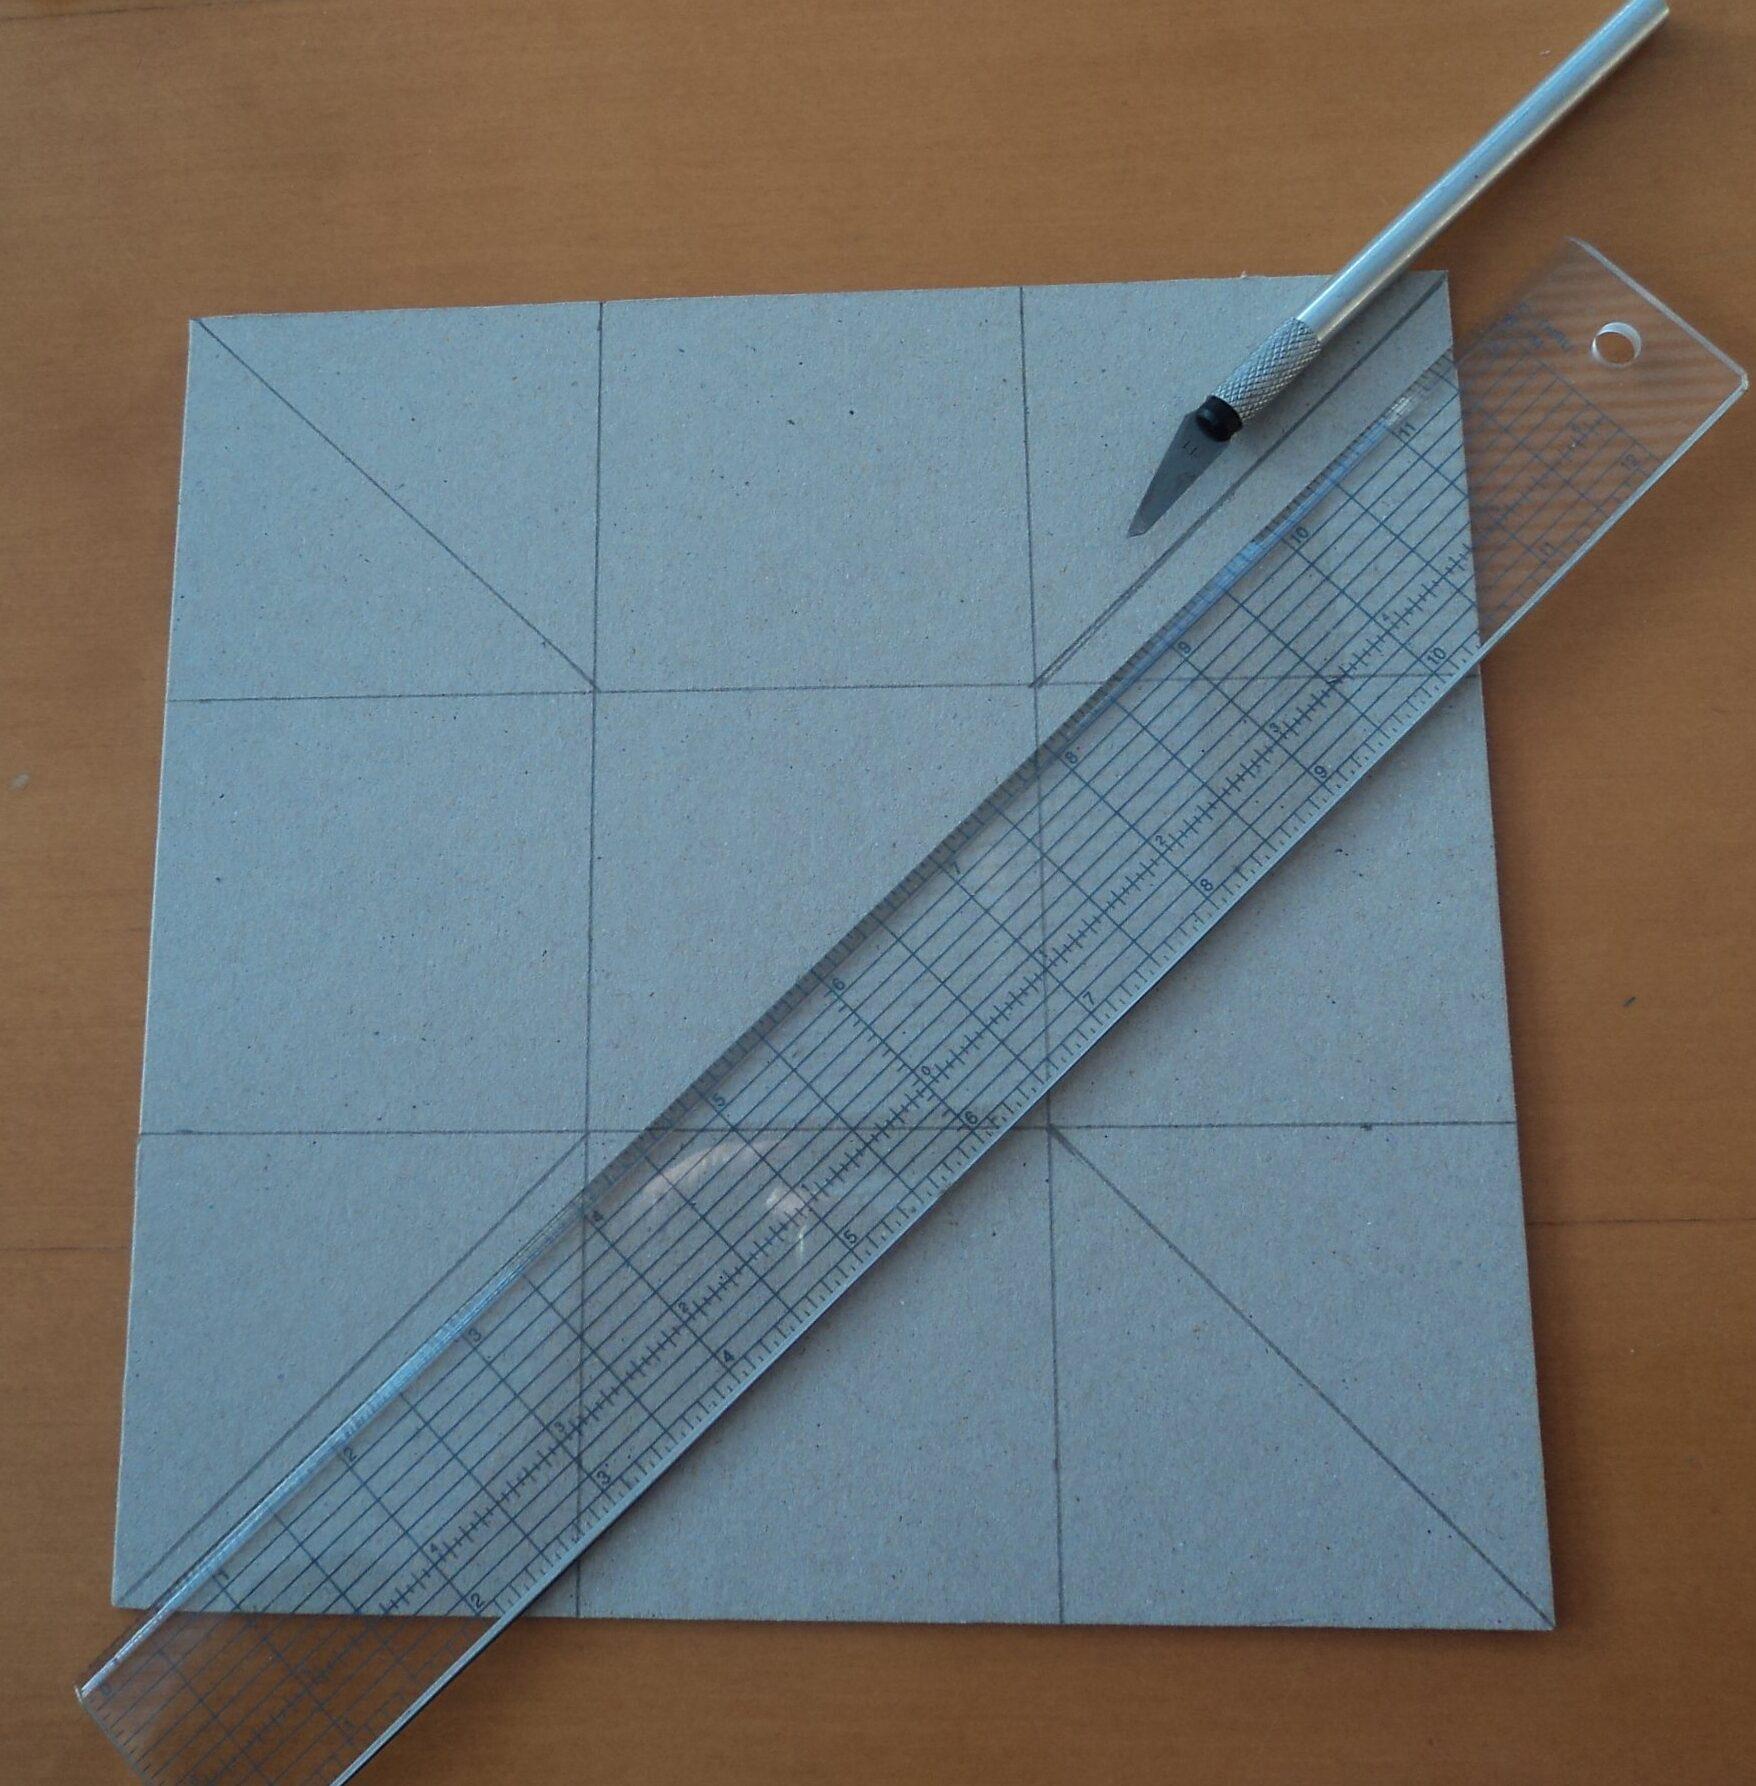 Linien auf Karton zeichnen und einritzen